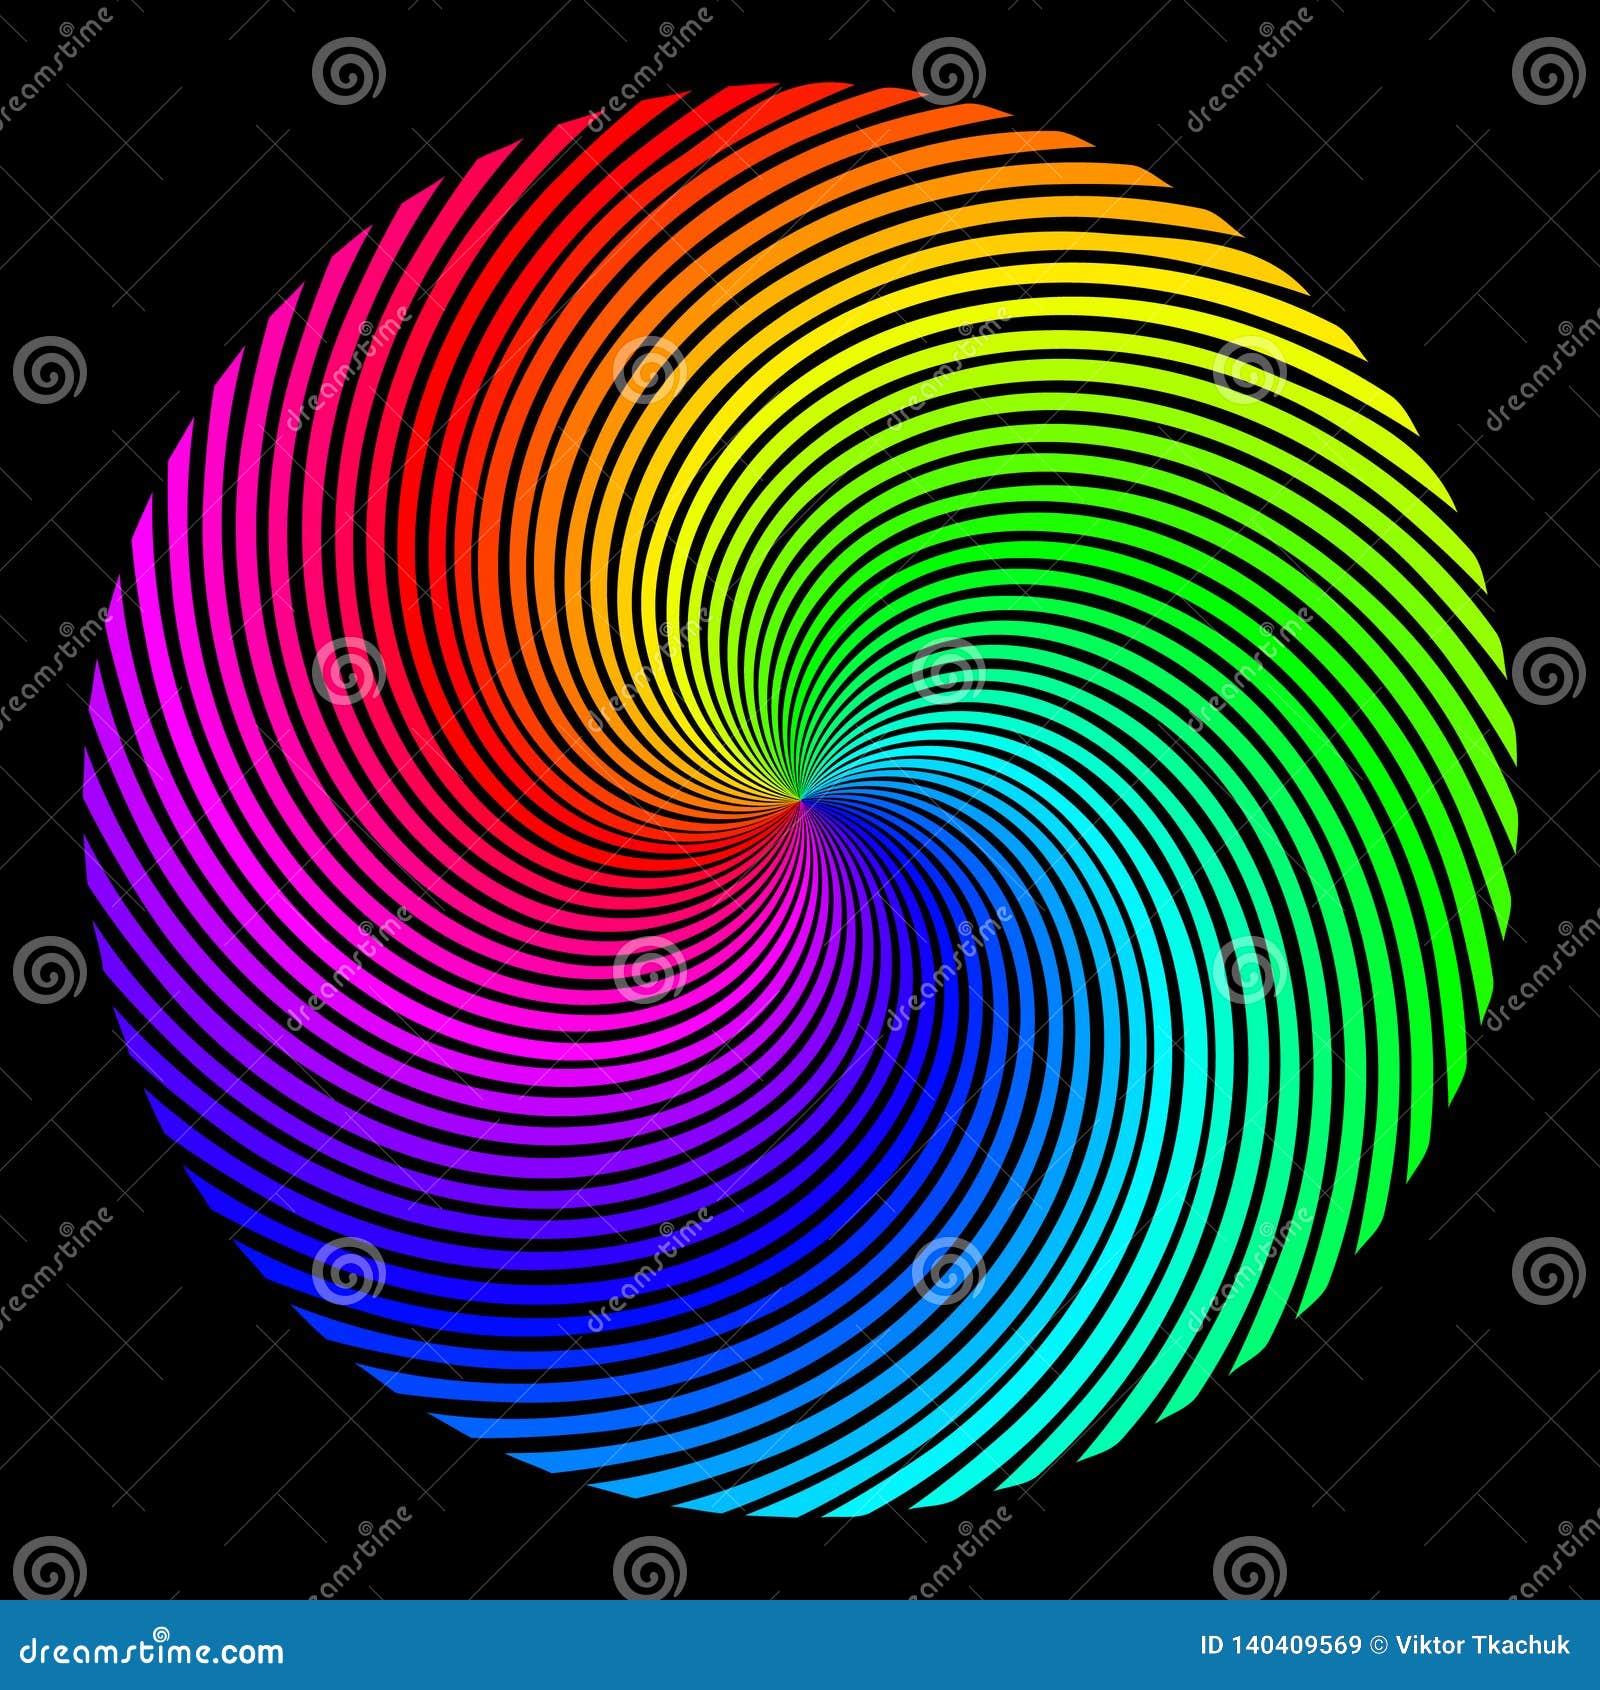 Achtergrond in de vorm van een gekleurd gebied van stralen die over een spiraal worden getold